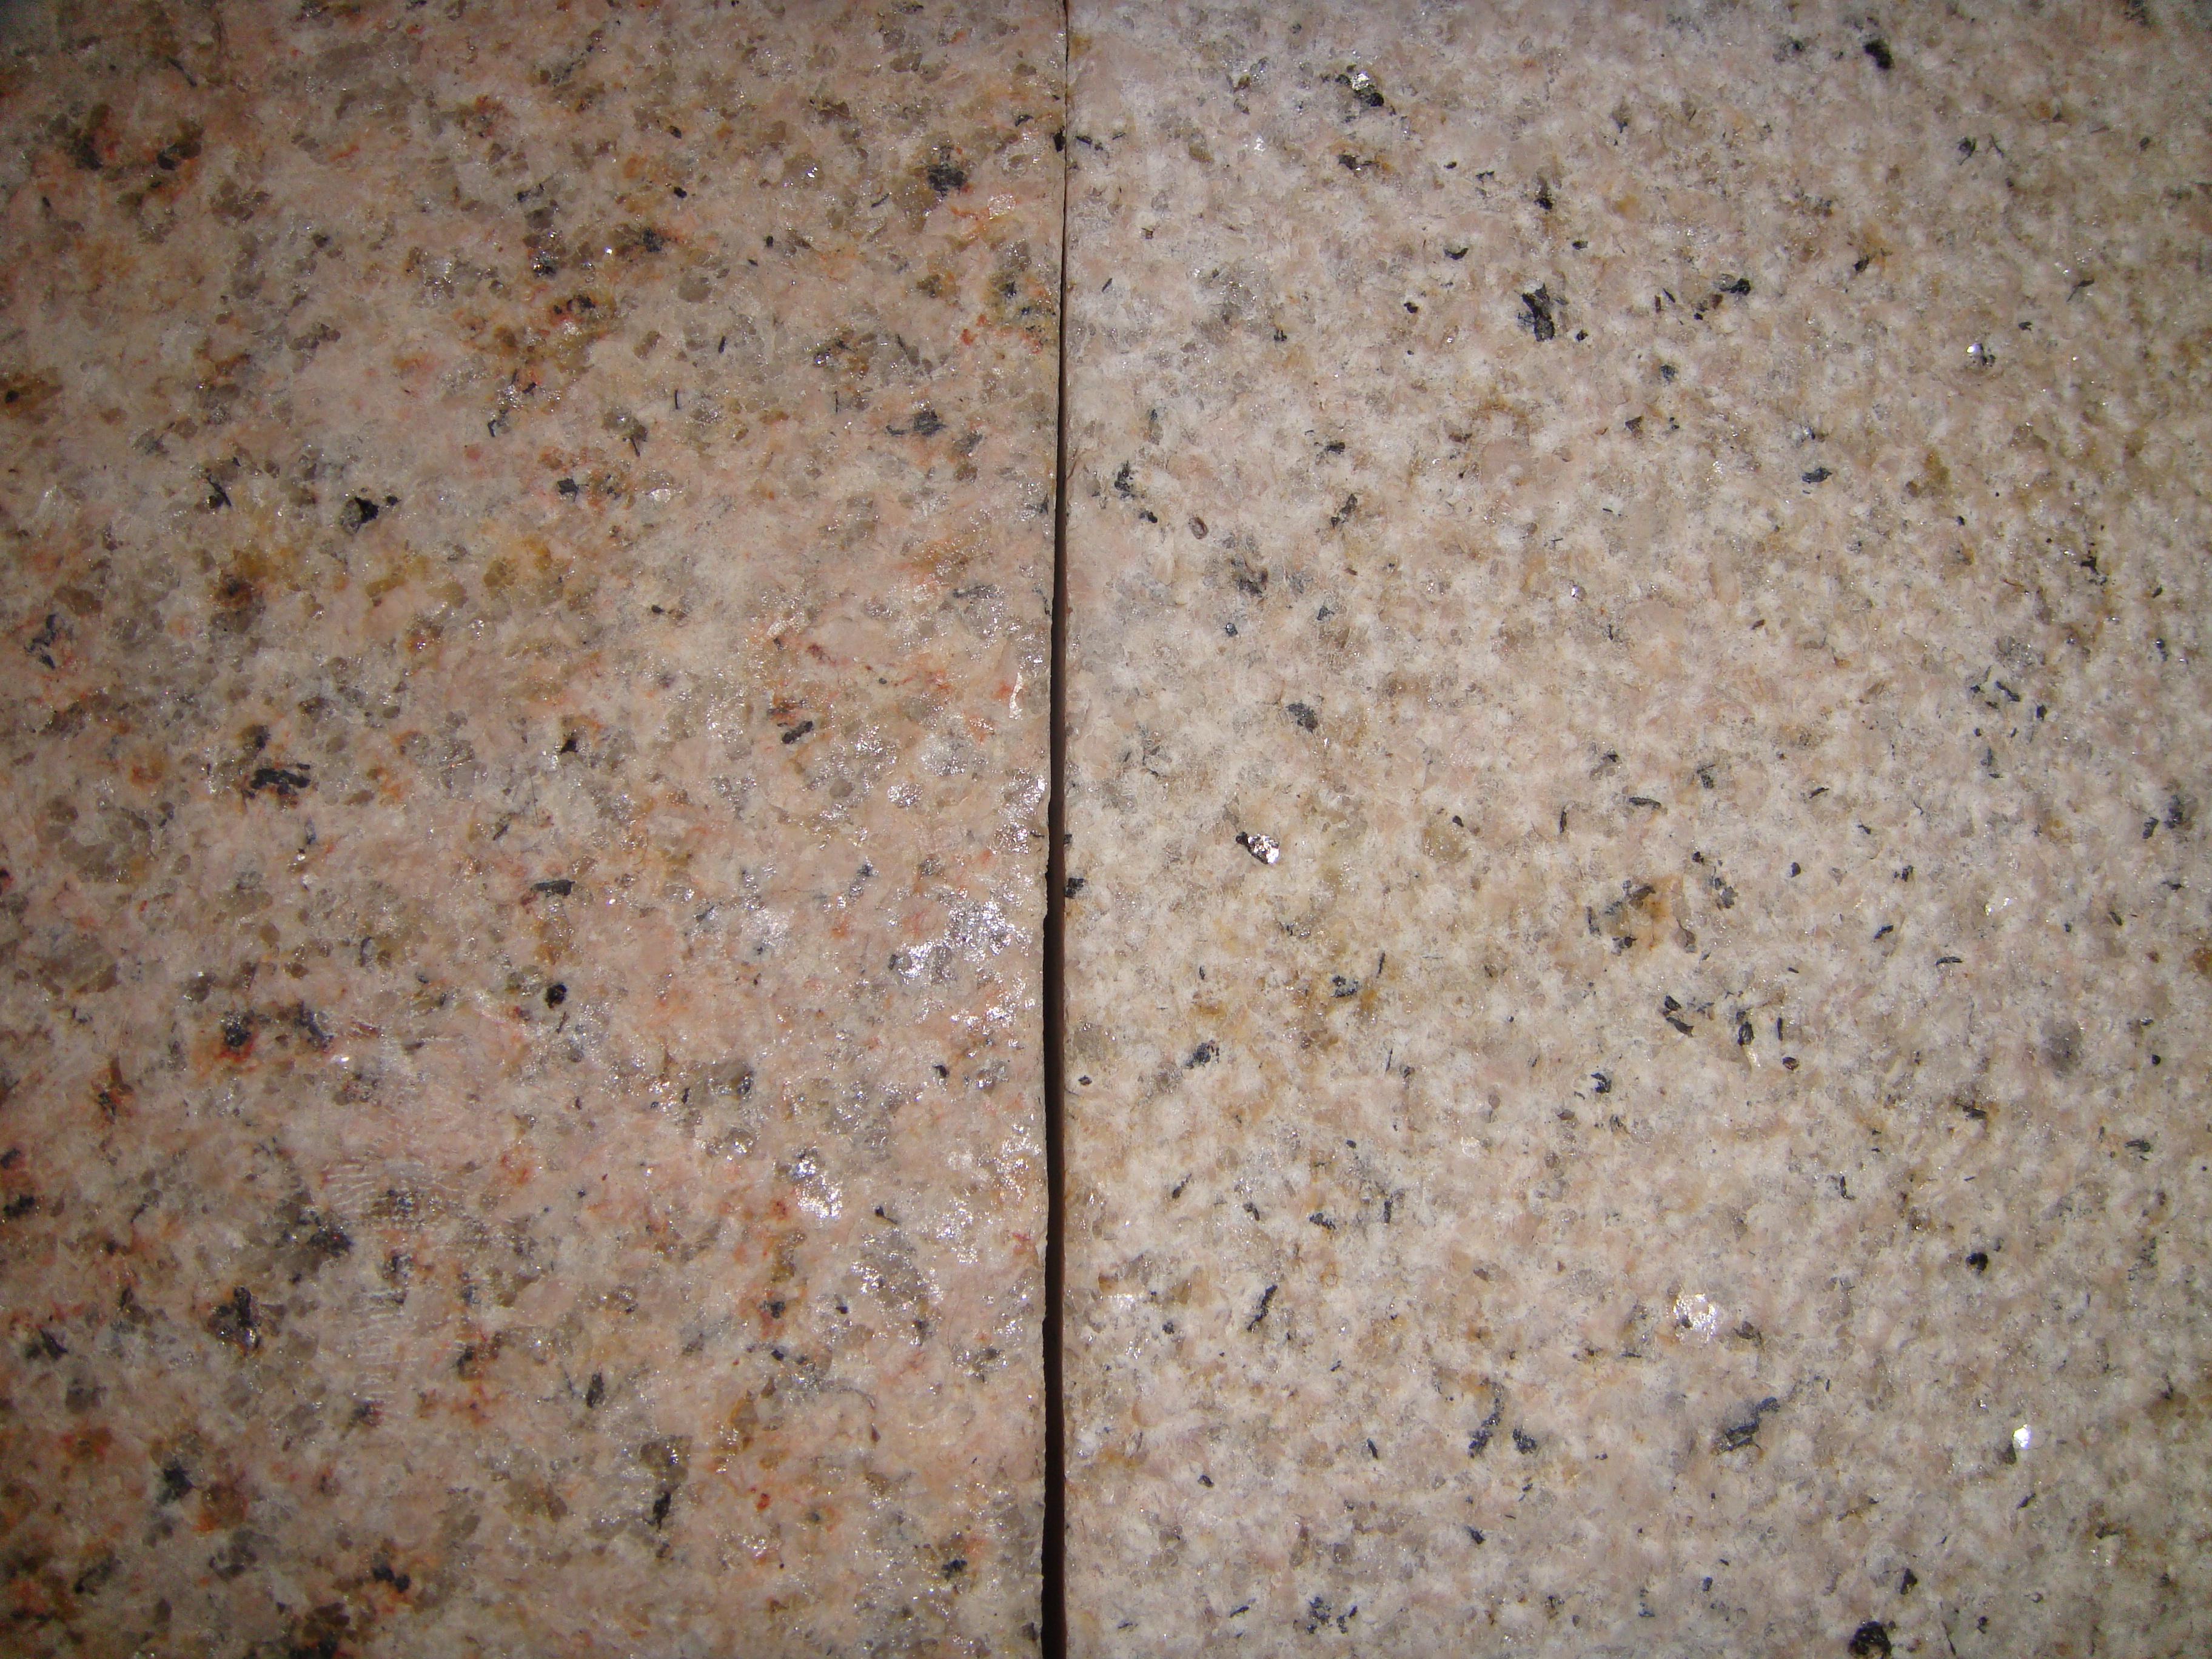 Плитка бучардированная из жолтого гранита G682 размером 600х300х20